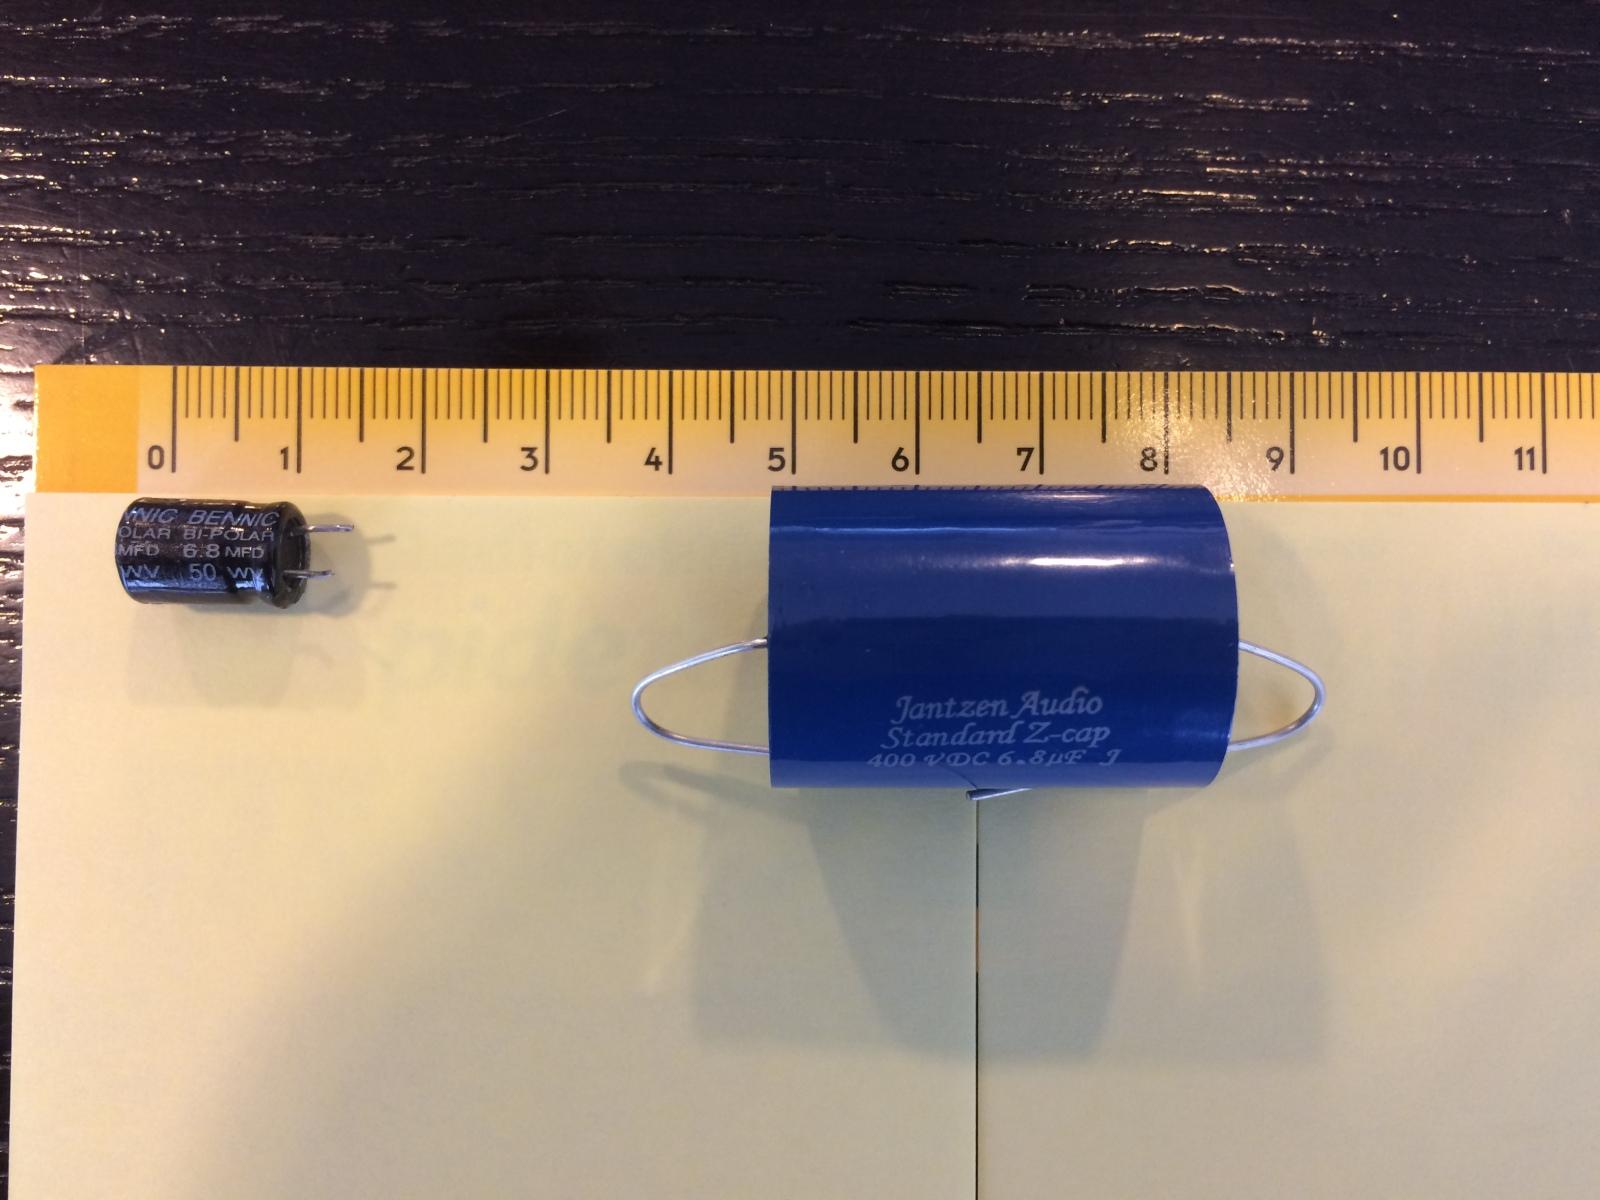 Sustituir condesadores filtro Vieta 304 2zgx5iv